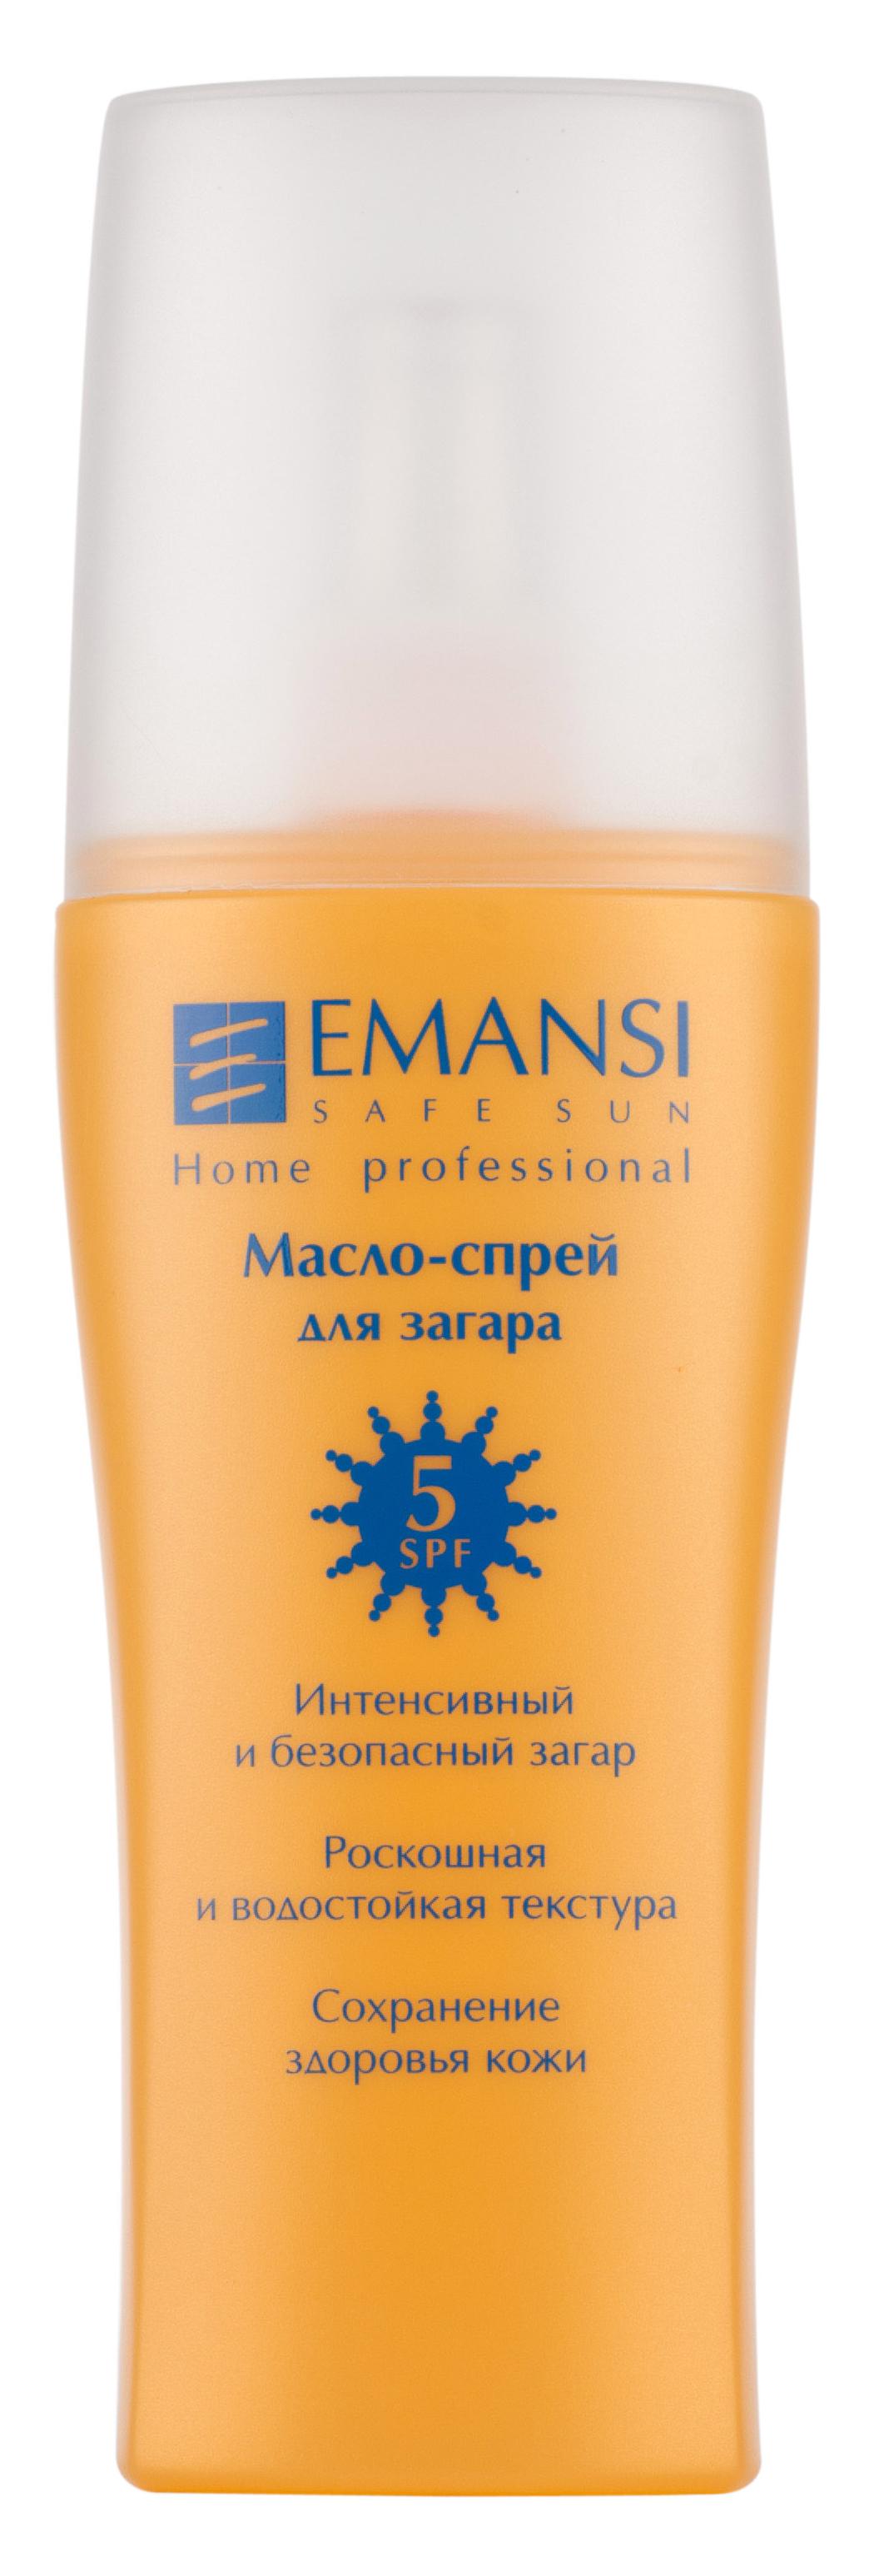 Emansi Масло-спрей для загара Safe sun SPF 5, 150 мл3328- Интенсивный и безопасный загар - Роскошная и водостойкая текстура - Сохранение здоровья кожи - Специальный состав, включающий СО2 экстракт зверобоя, способствуют более быстрому и ровному загару - Устойчиво к действию воды и пота - Подходит для любой, в том числе и чувствительной кожи